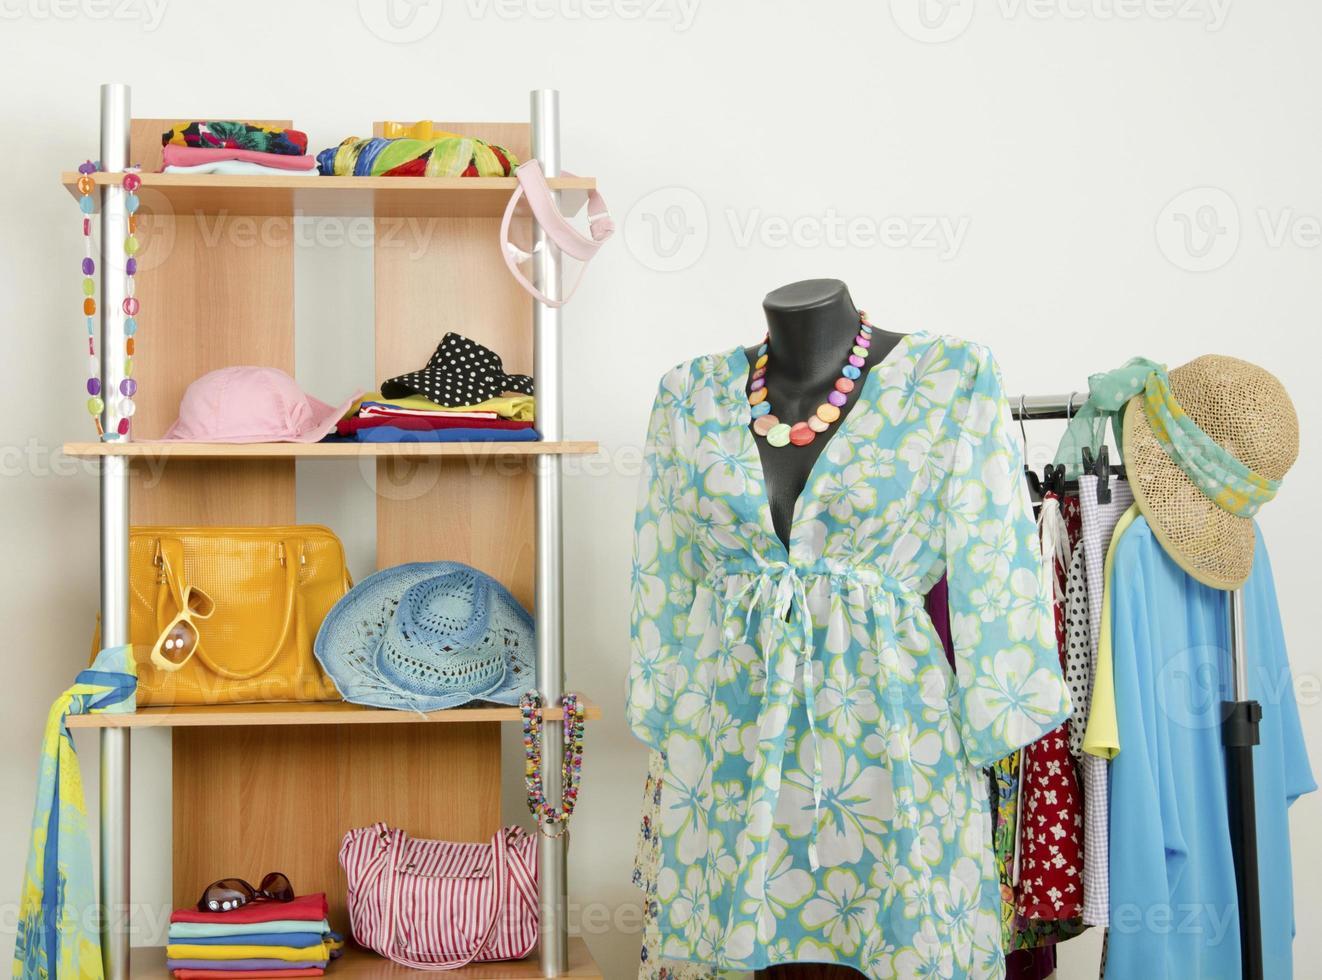 garderob med kläder och en stranddräkt på en skyltdocka. foto